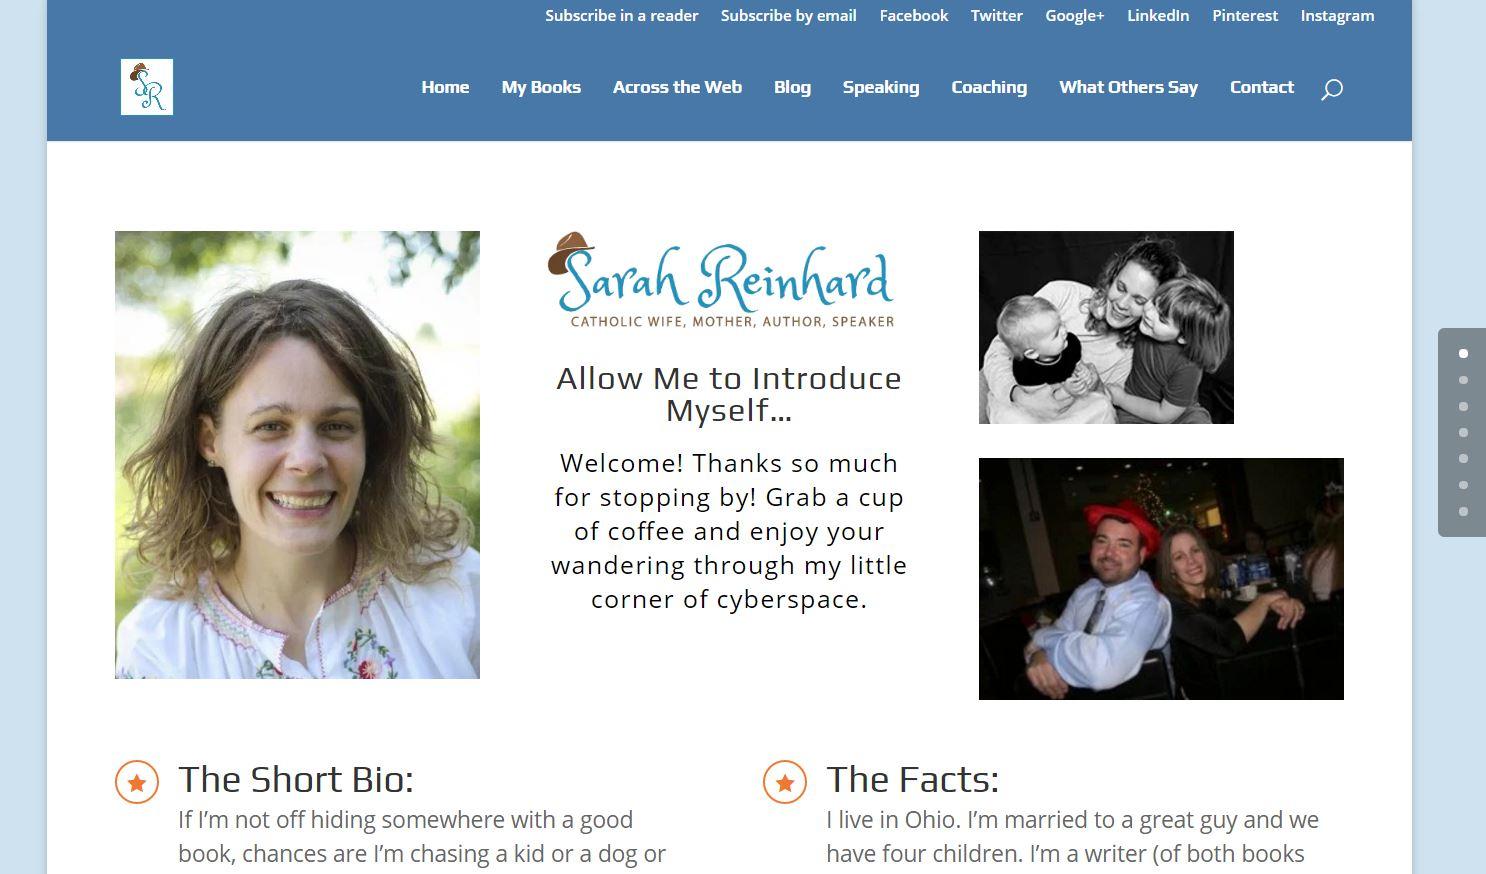 Sarah Reinhard.com homepage